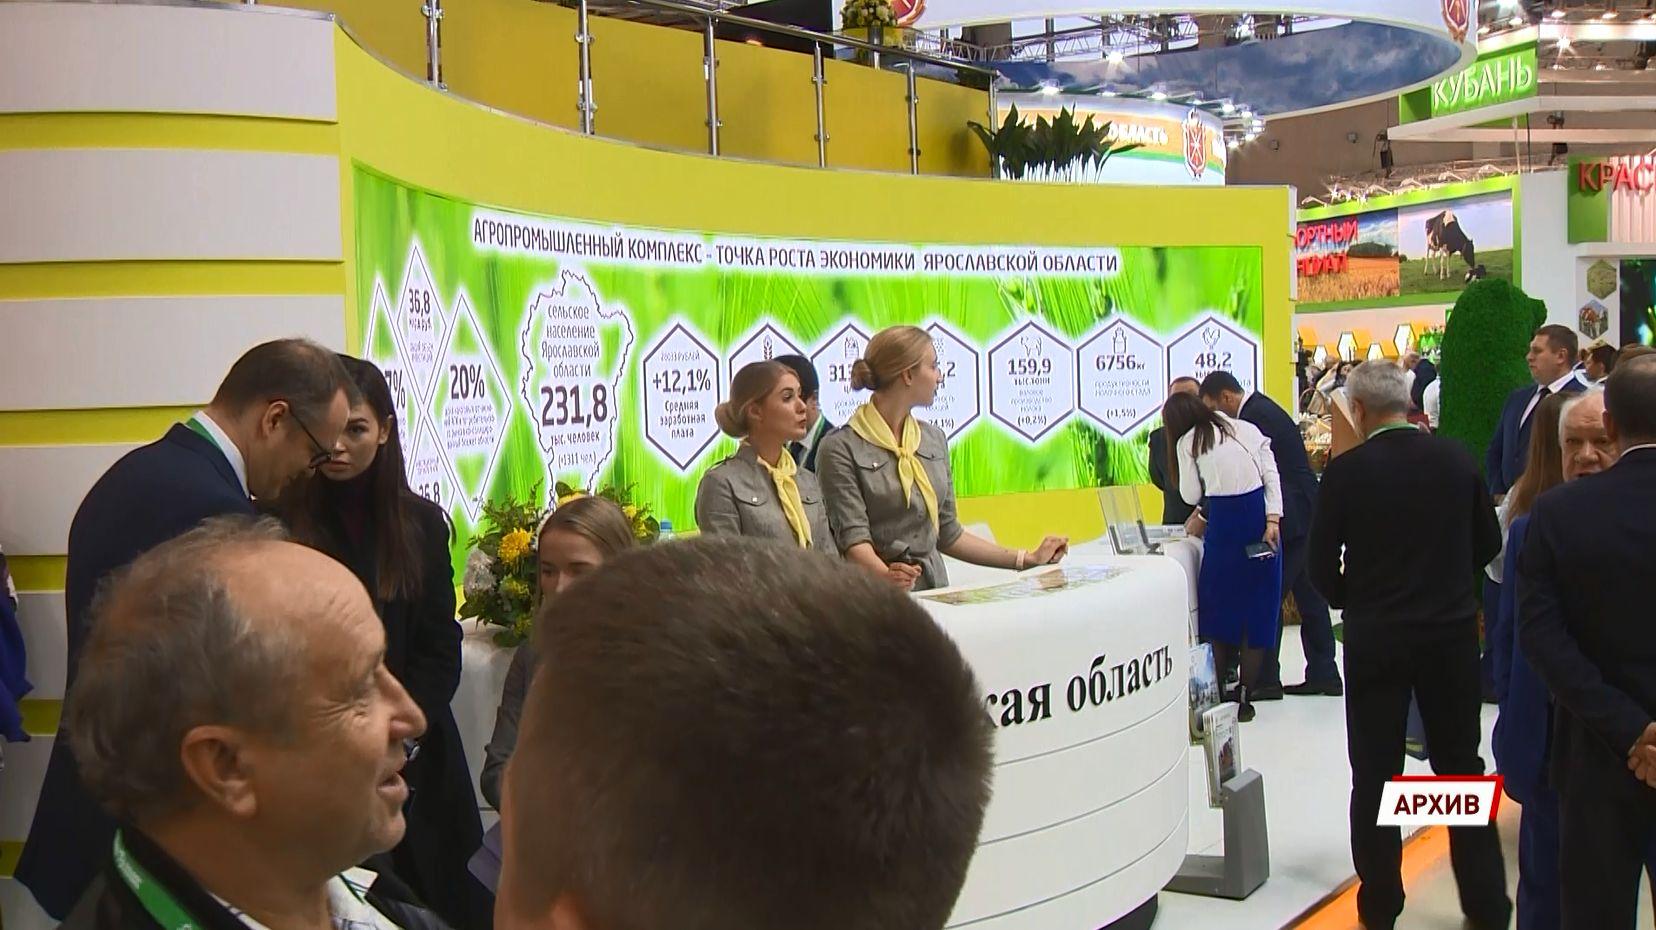 Ярославская область представляет свою продукцию на главной Всероссийской выставке в сфере агропромышленности «Золотая осень»